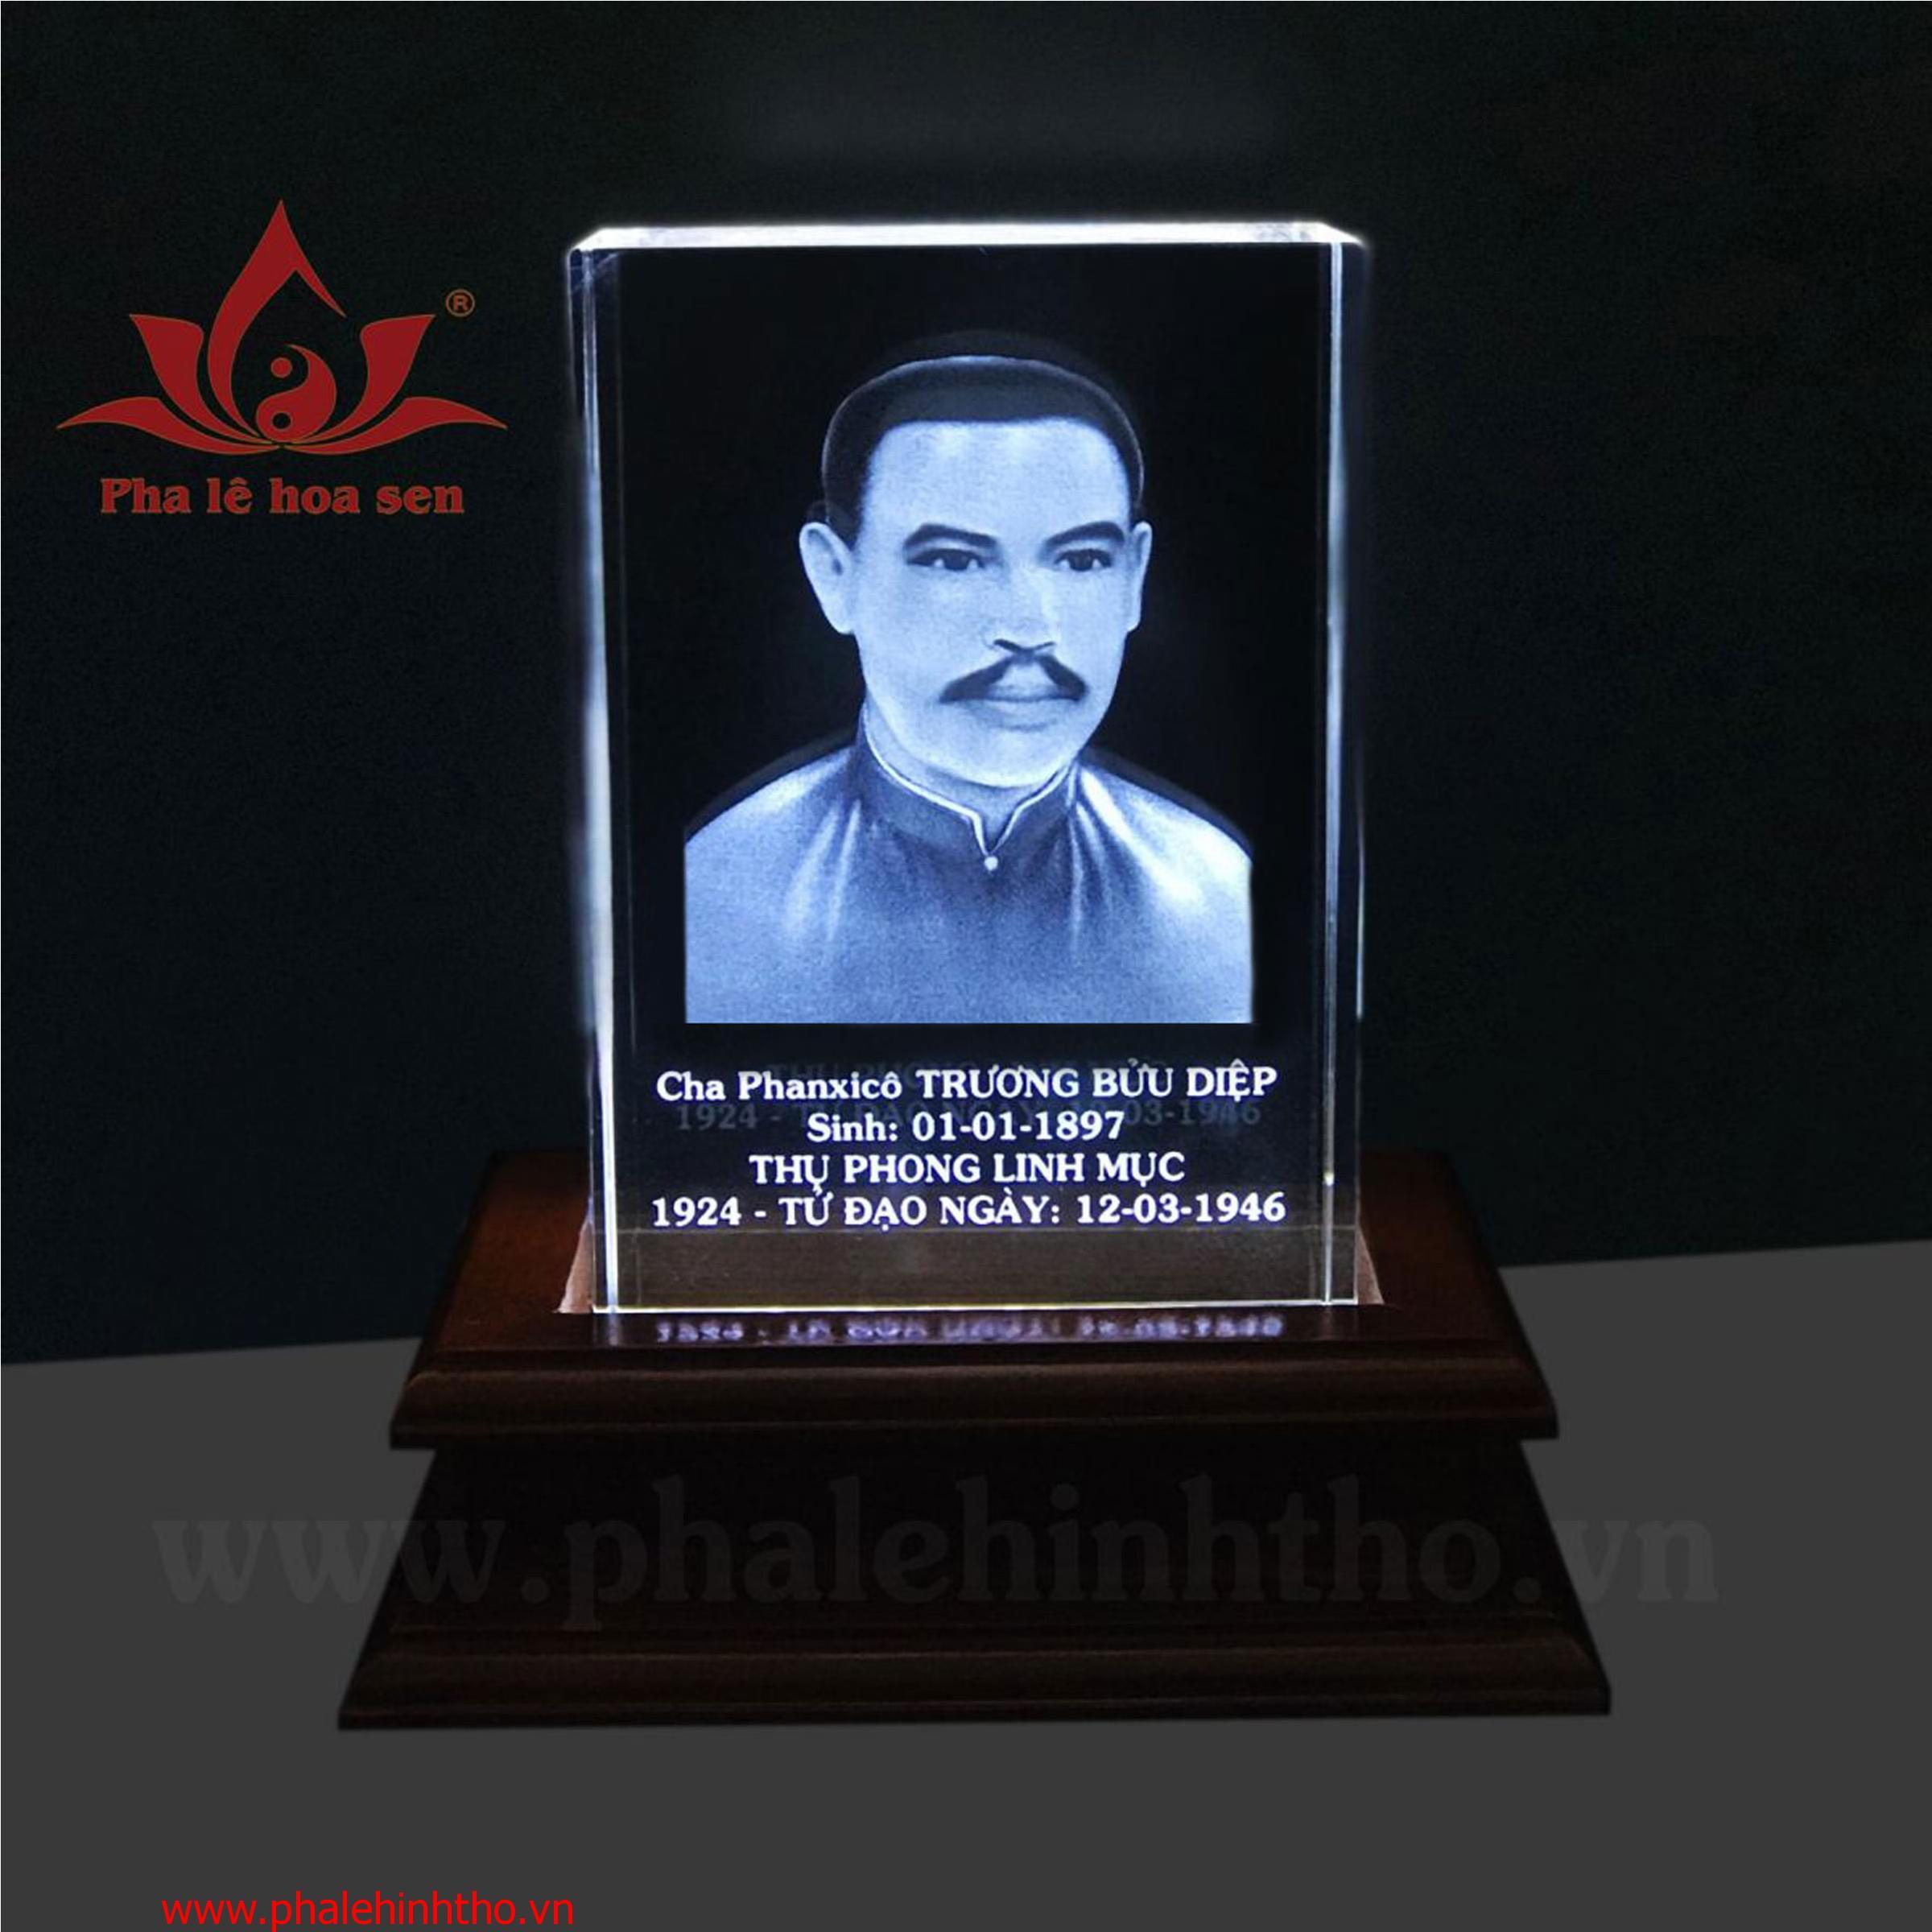 Cha Trương Bửu Diệp khắc 3D kt 10x15x6cm